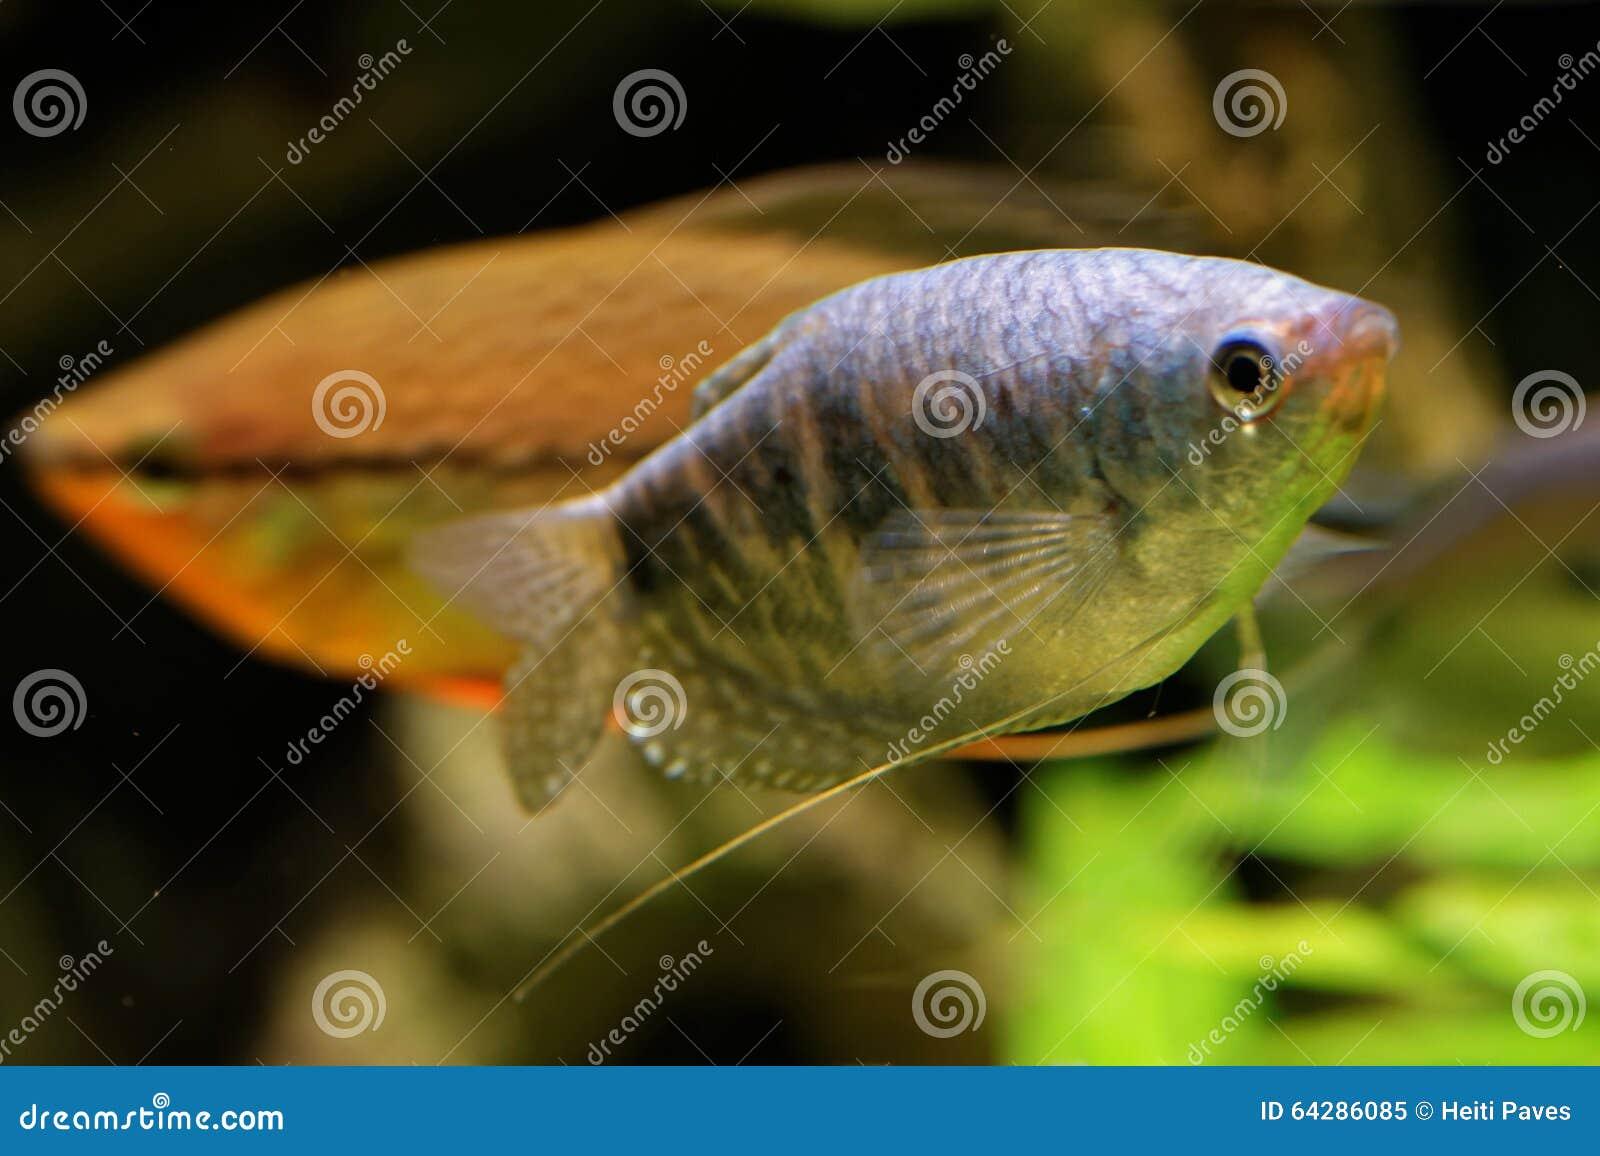 Pesce angelo d 39 acqua dolce fotografia stock immagine for Pesci acqua dolce online